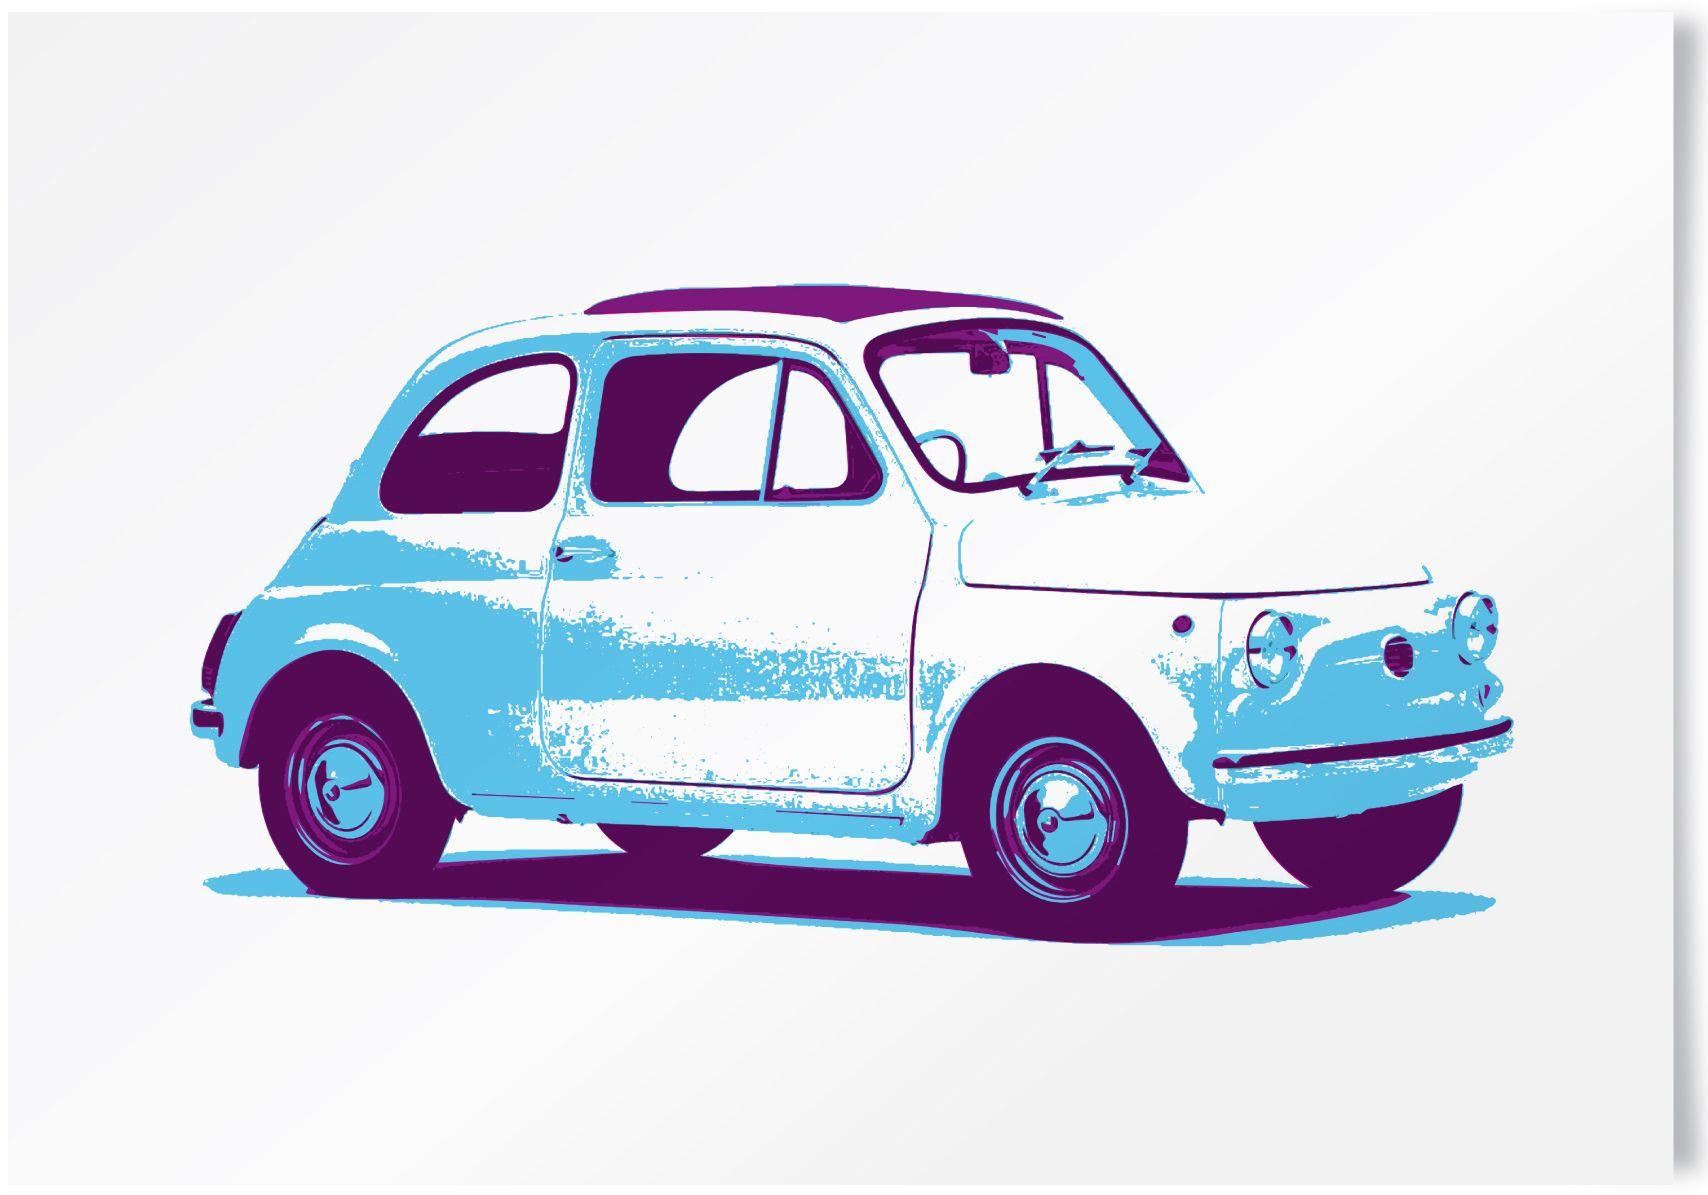 Vintage Fiat 500 limited edition print. #vintage #cars #retro #limited #edition #prints | www.freireprintz.co.uk